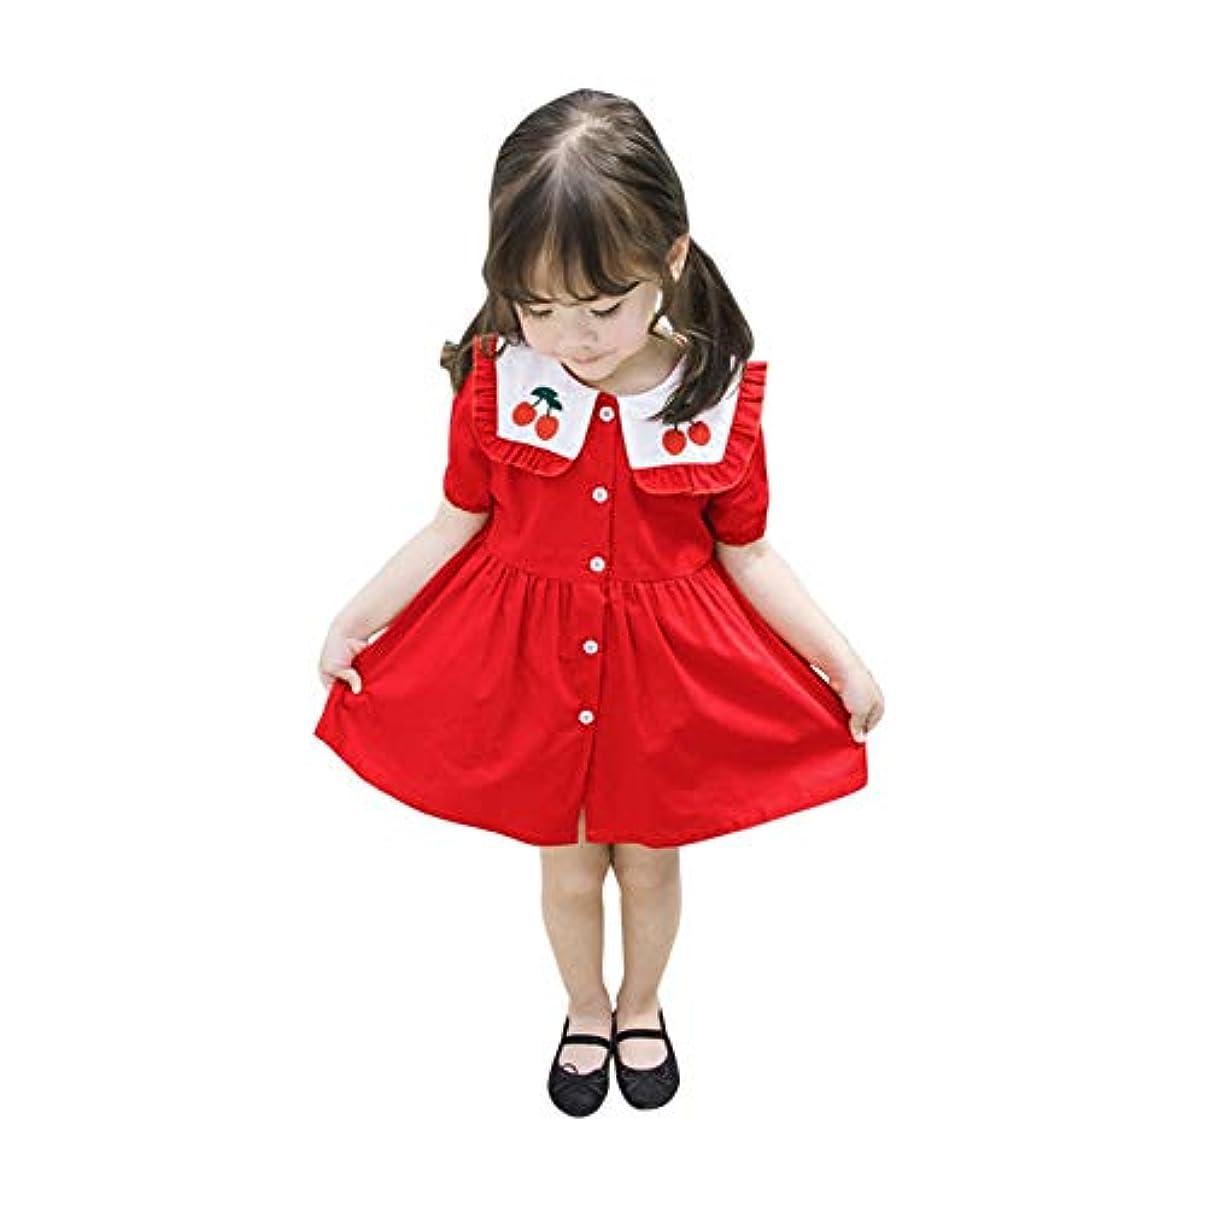 子羊バンカー香ばしいUrmagicワンピース ベビー用 夏 綿 レッド 学院風 海軍風 カジュアル 女の子 桜柄 半袖 ドレス 子供服 1-6歳